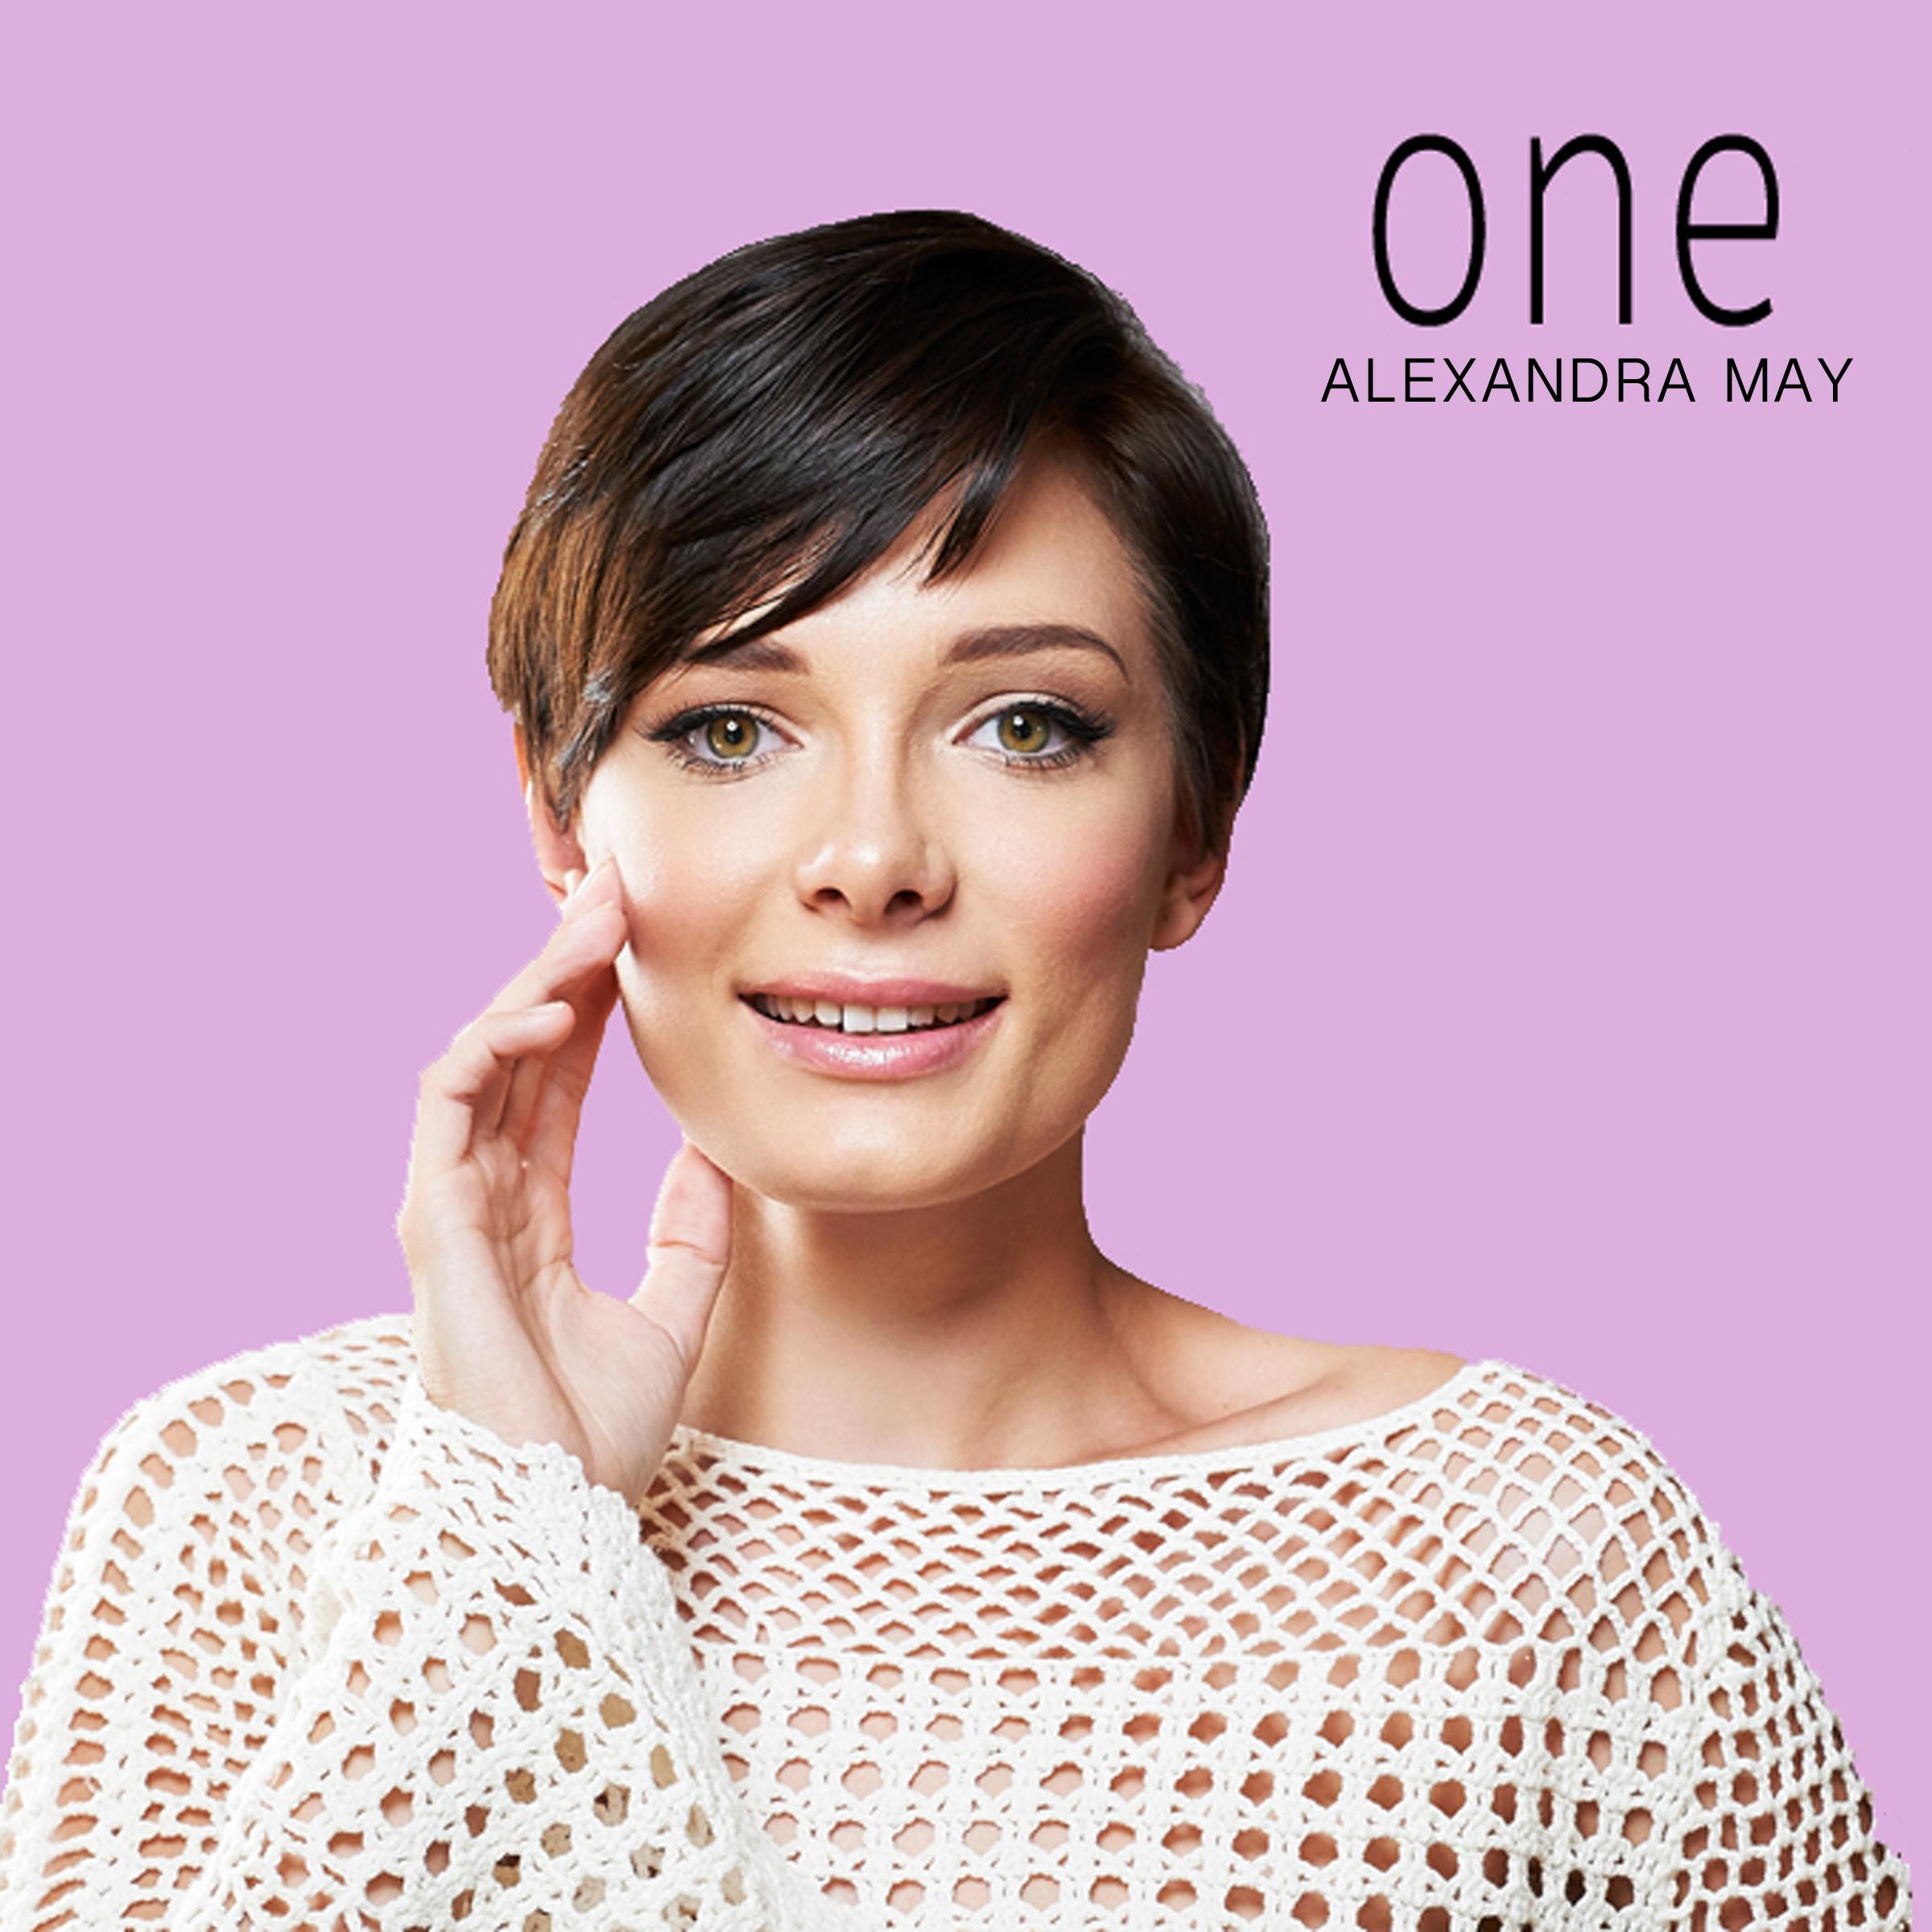 ALEXANDRA MAY